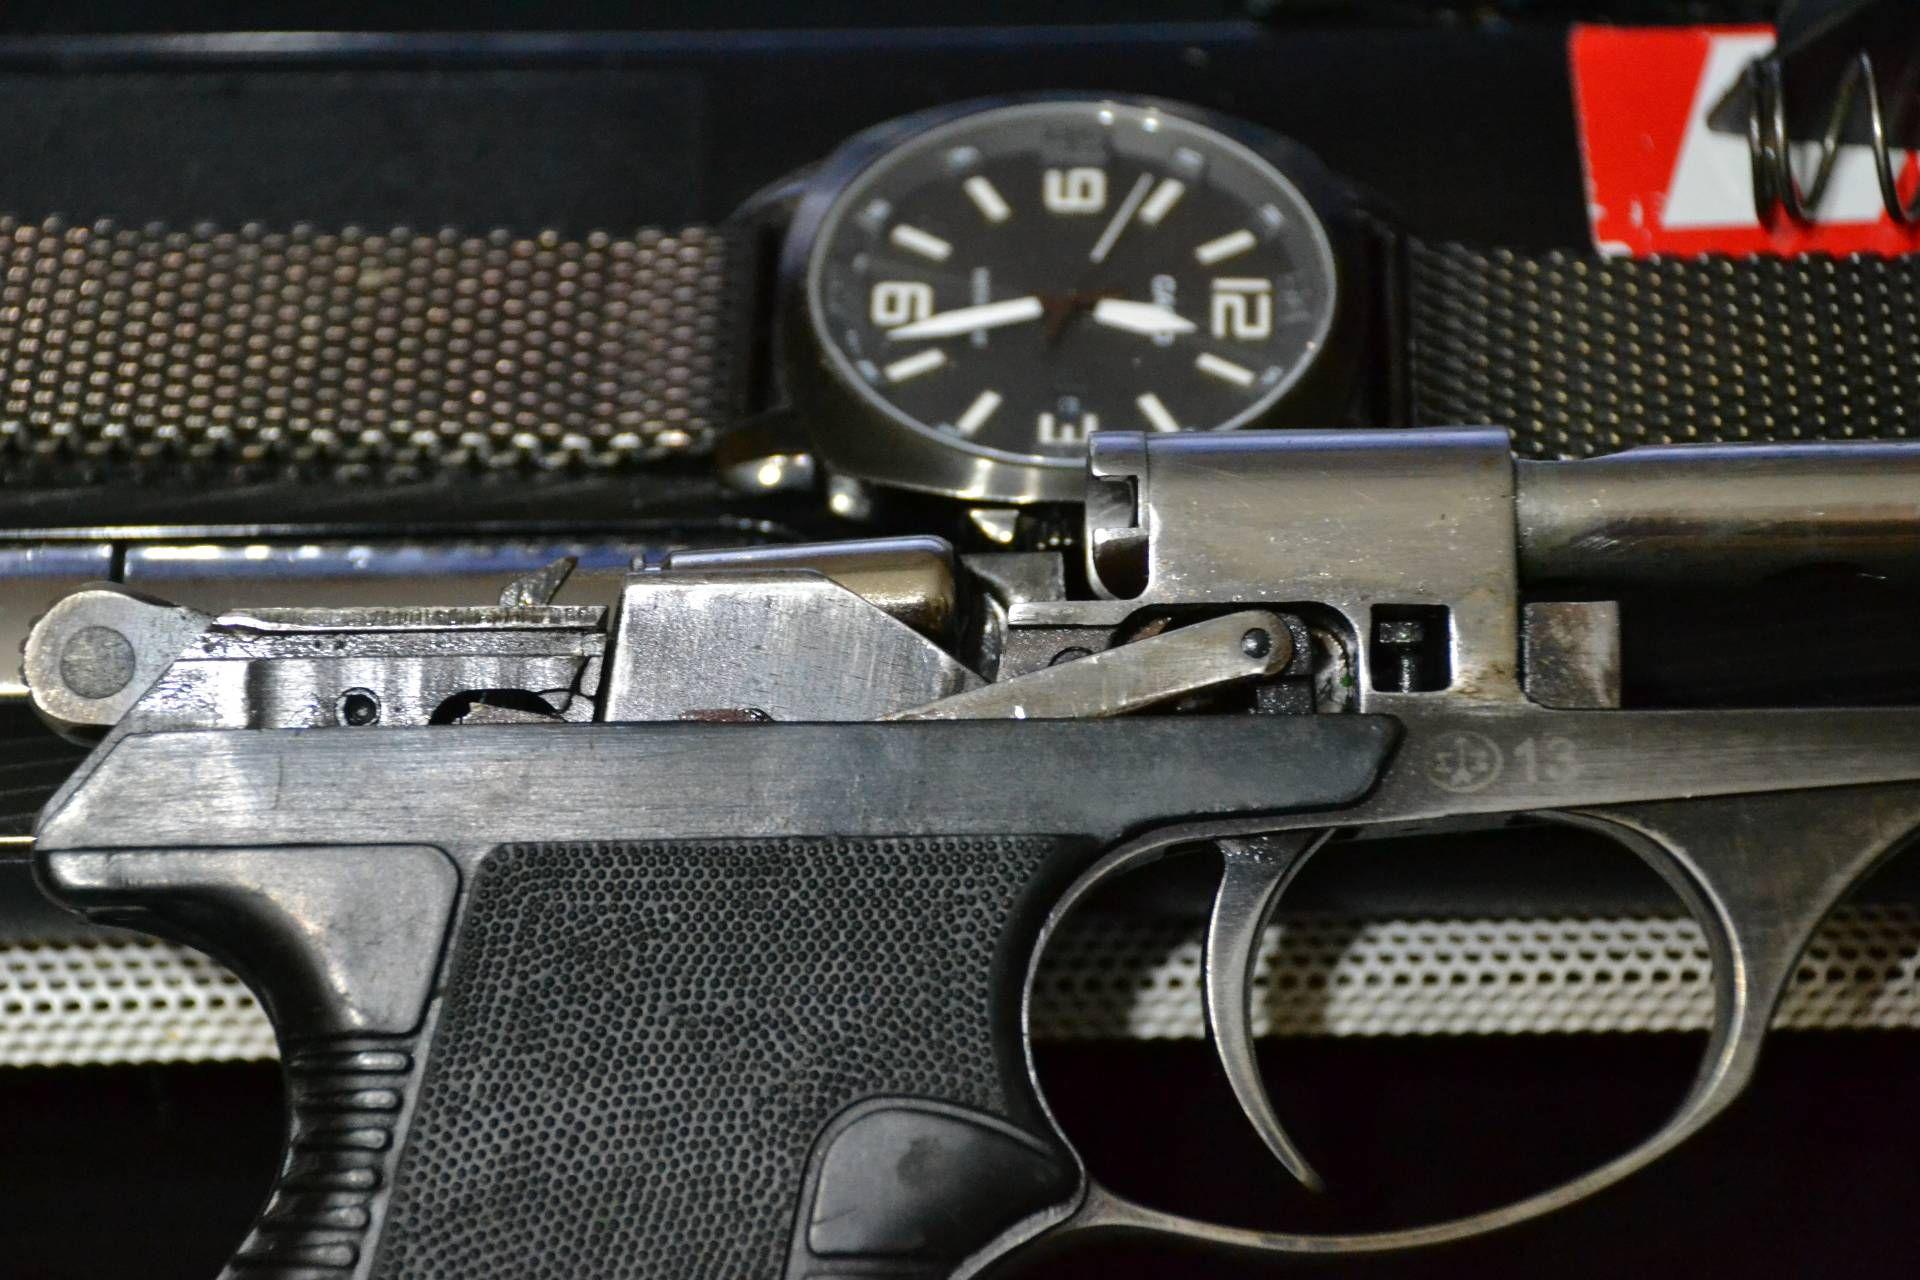 МР-78-9ТМ и часы